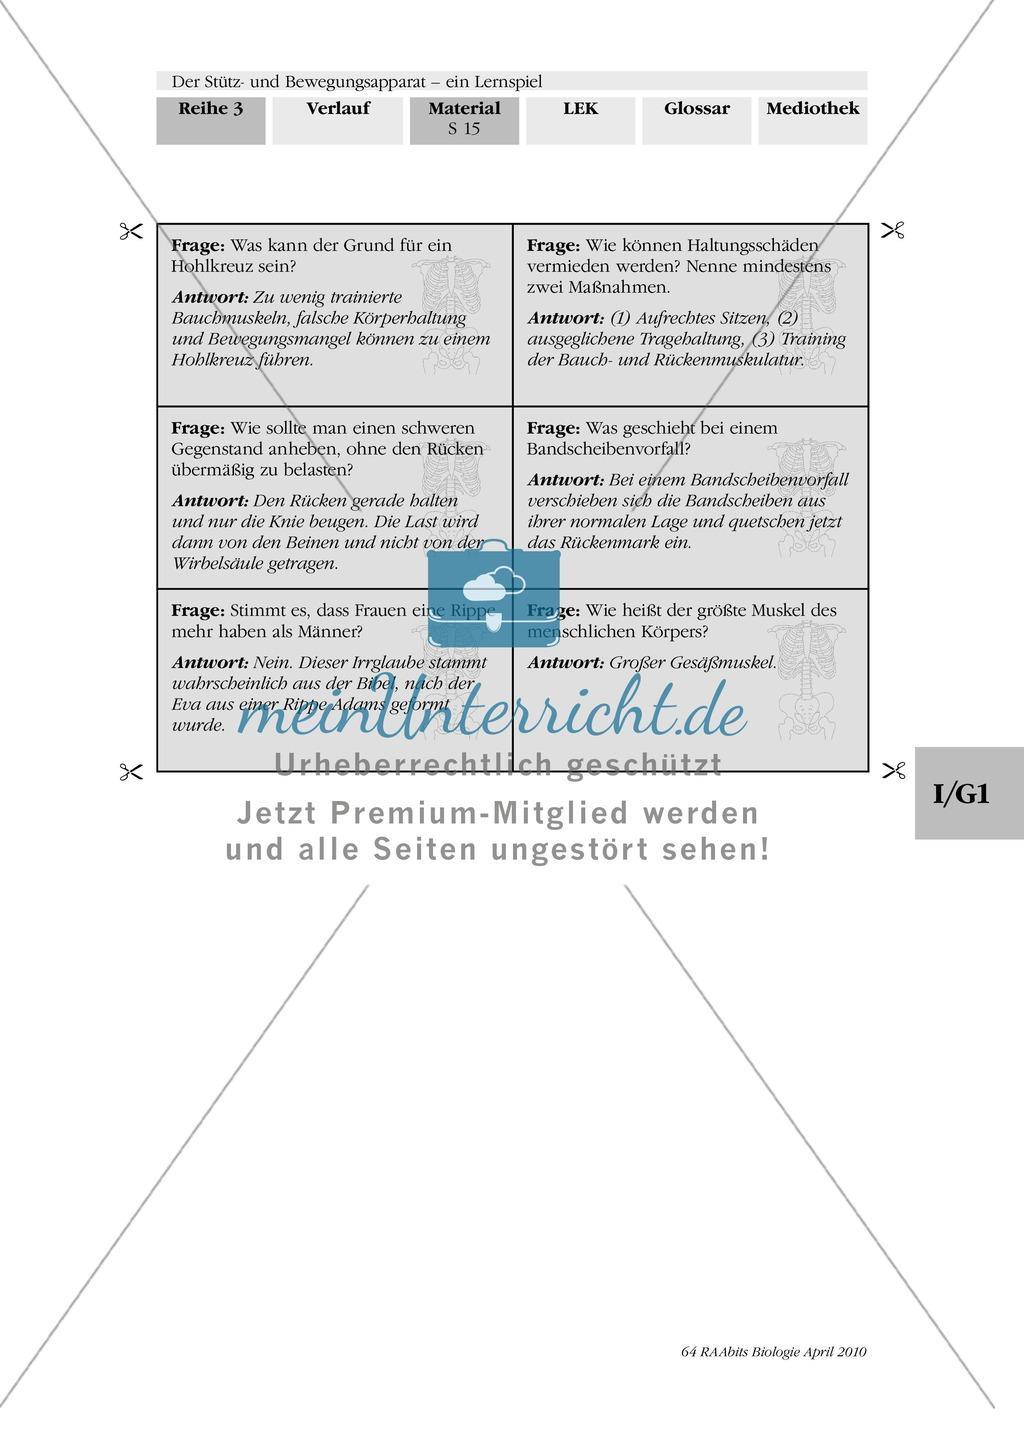 Lernspiel zum Stütz- und Bewegungsapparat: Spielanleitung, Spielfeld ...